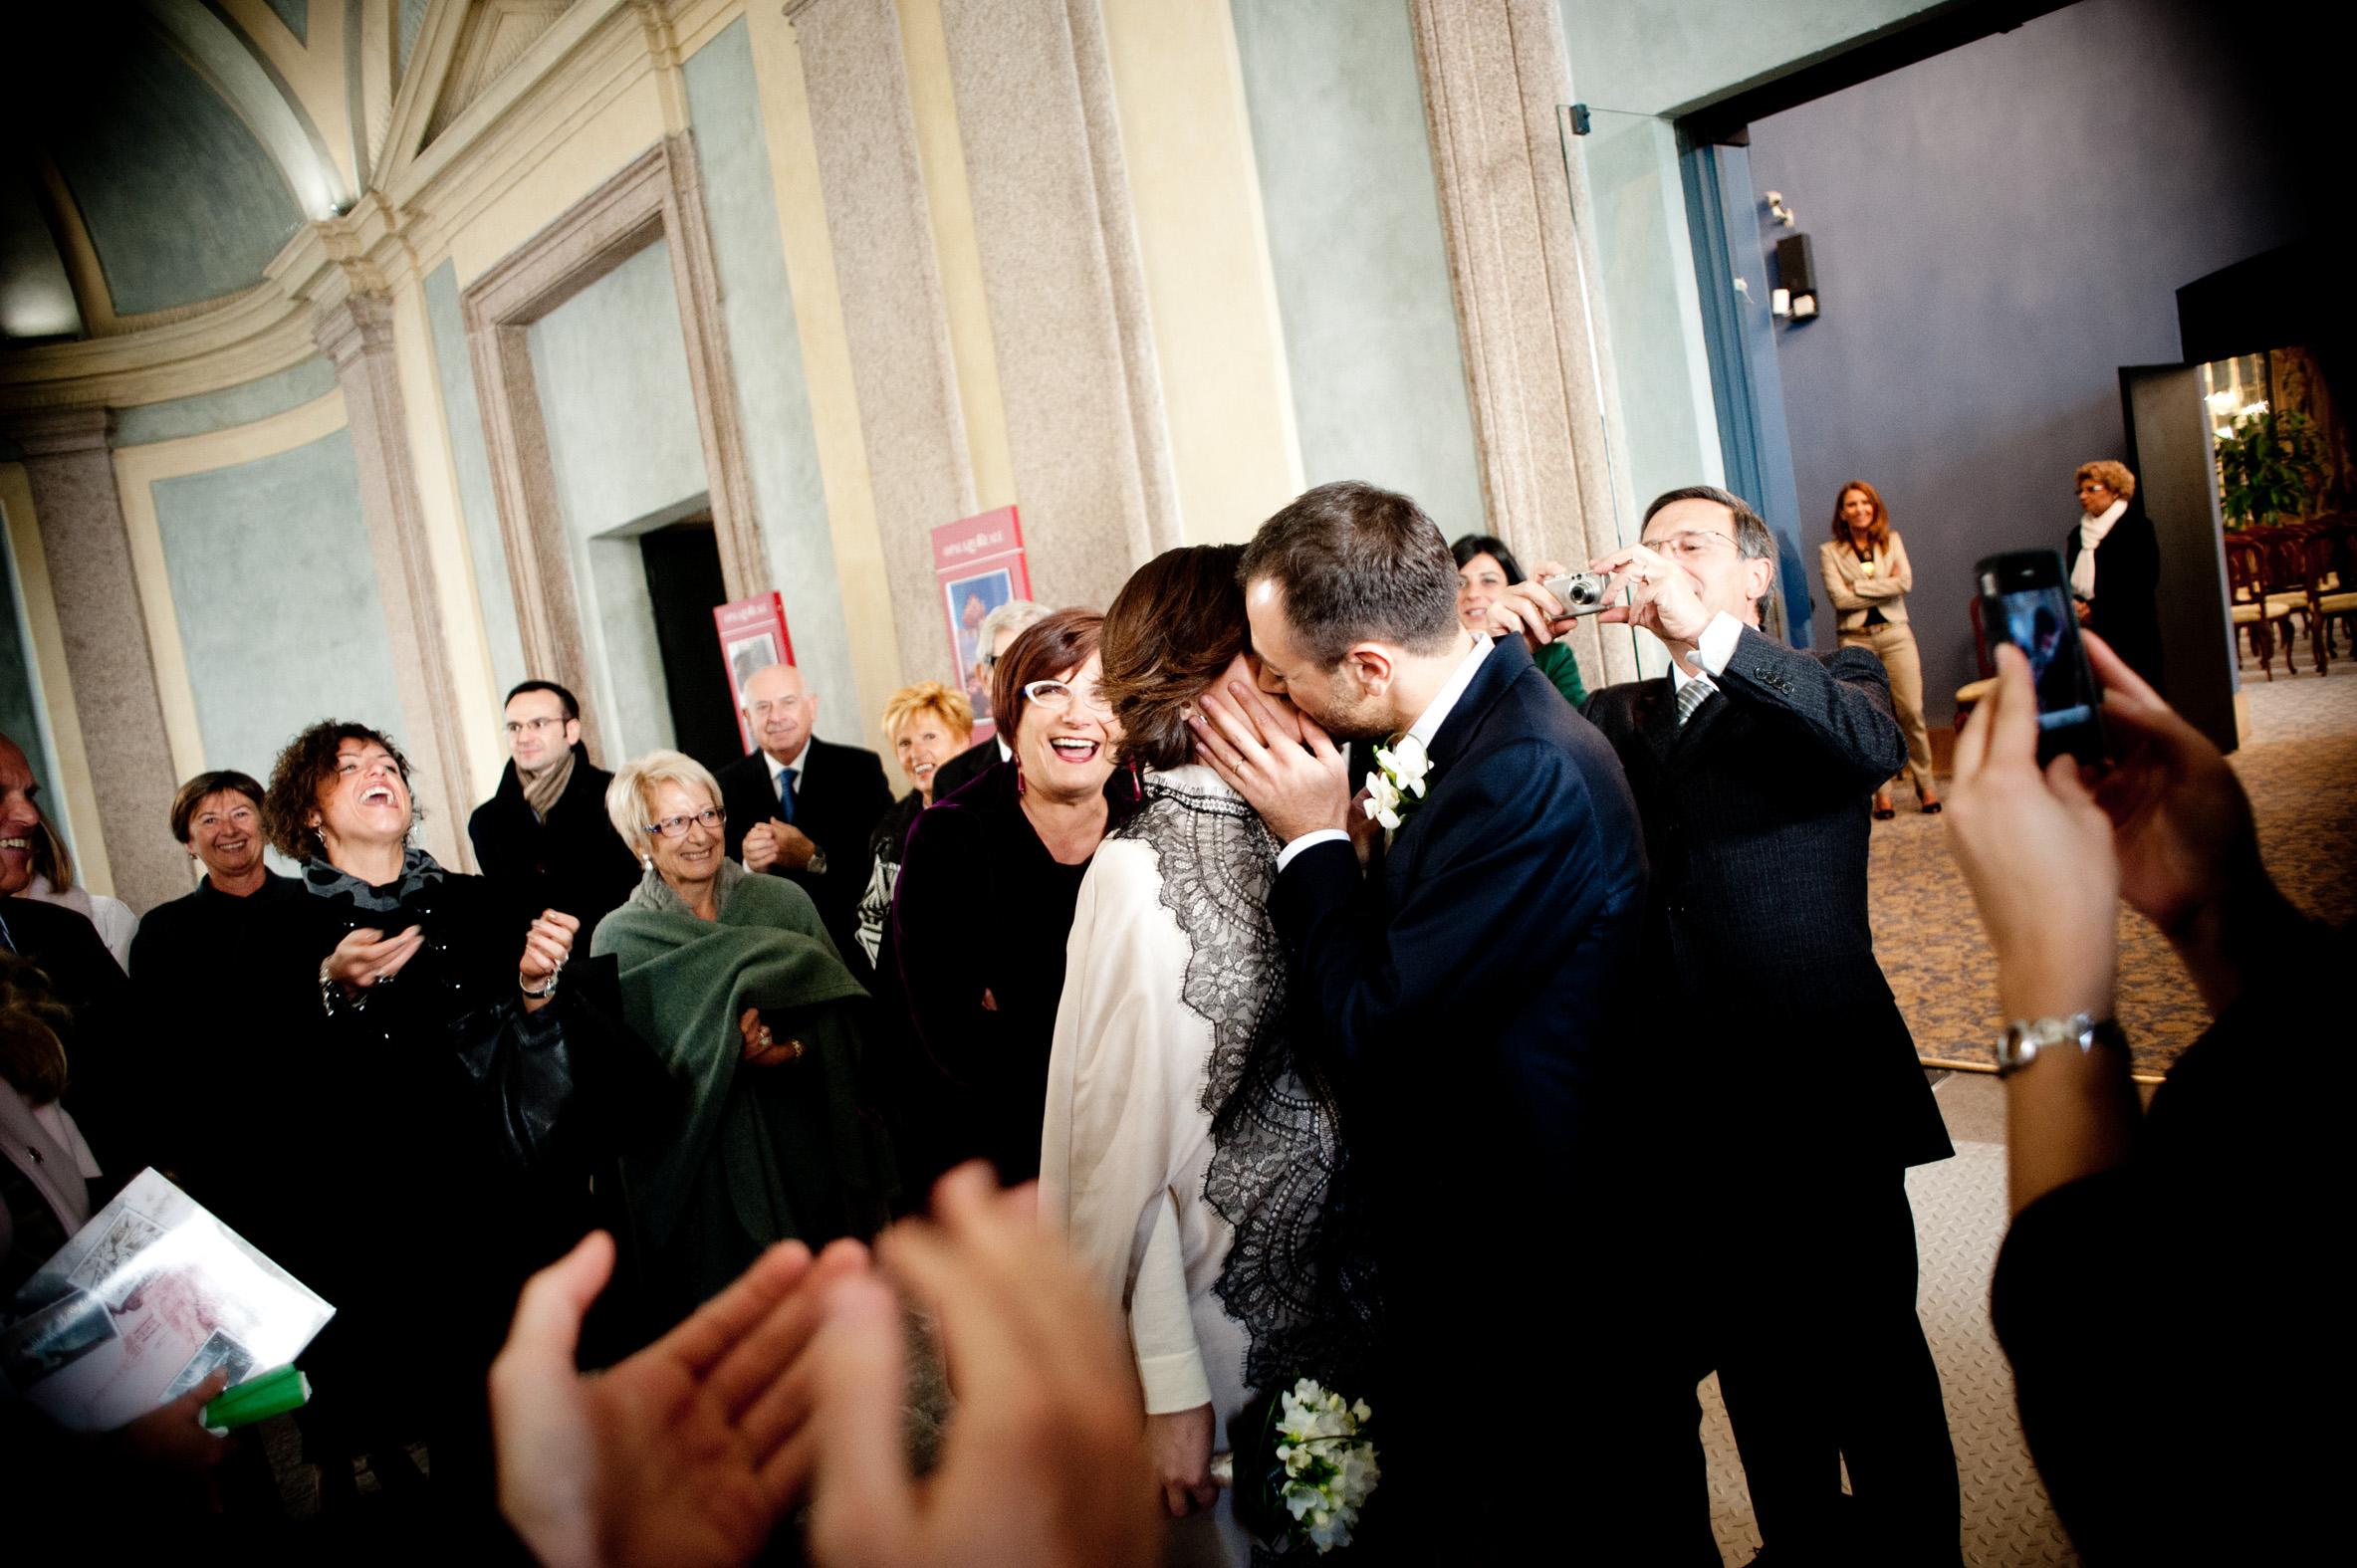 febed42cca11 ... fotografo matrimonio milano palazzo reale 12 wedding reporetage milano  palazzo reale giovanni e federica ...